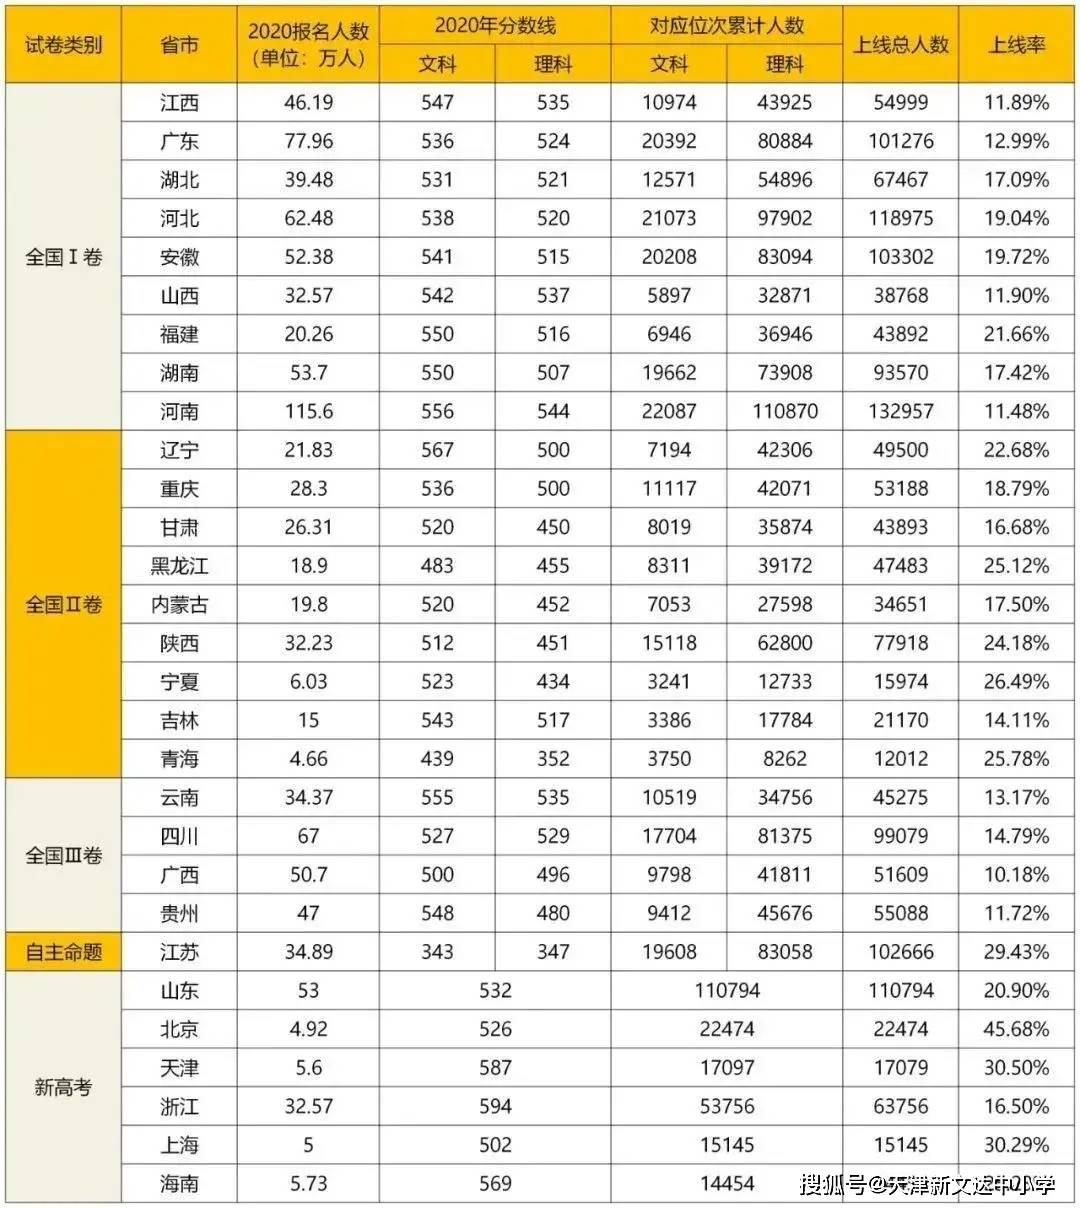 2020郑姓人口数量_人口普查(2)